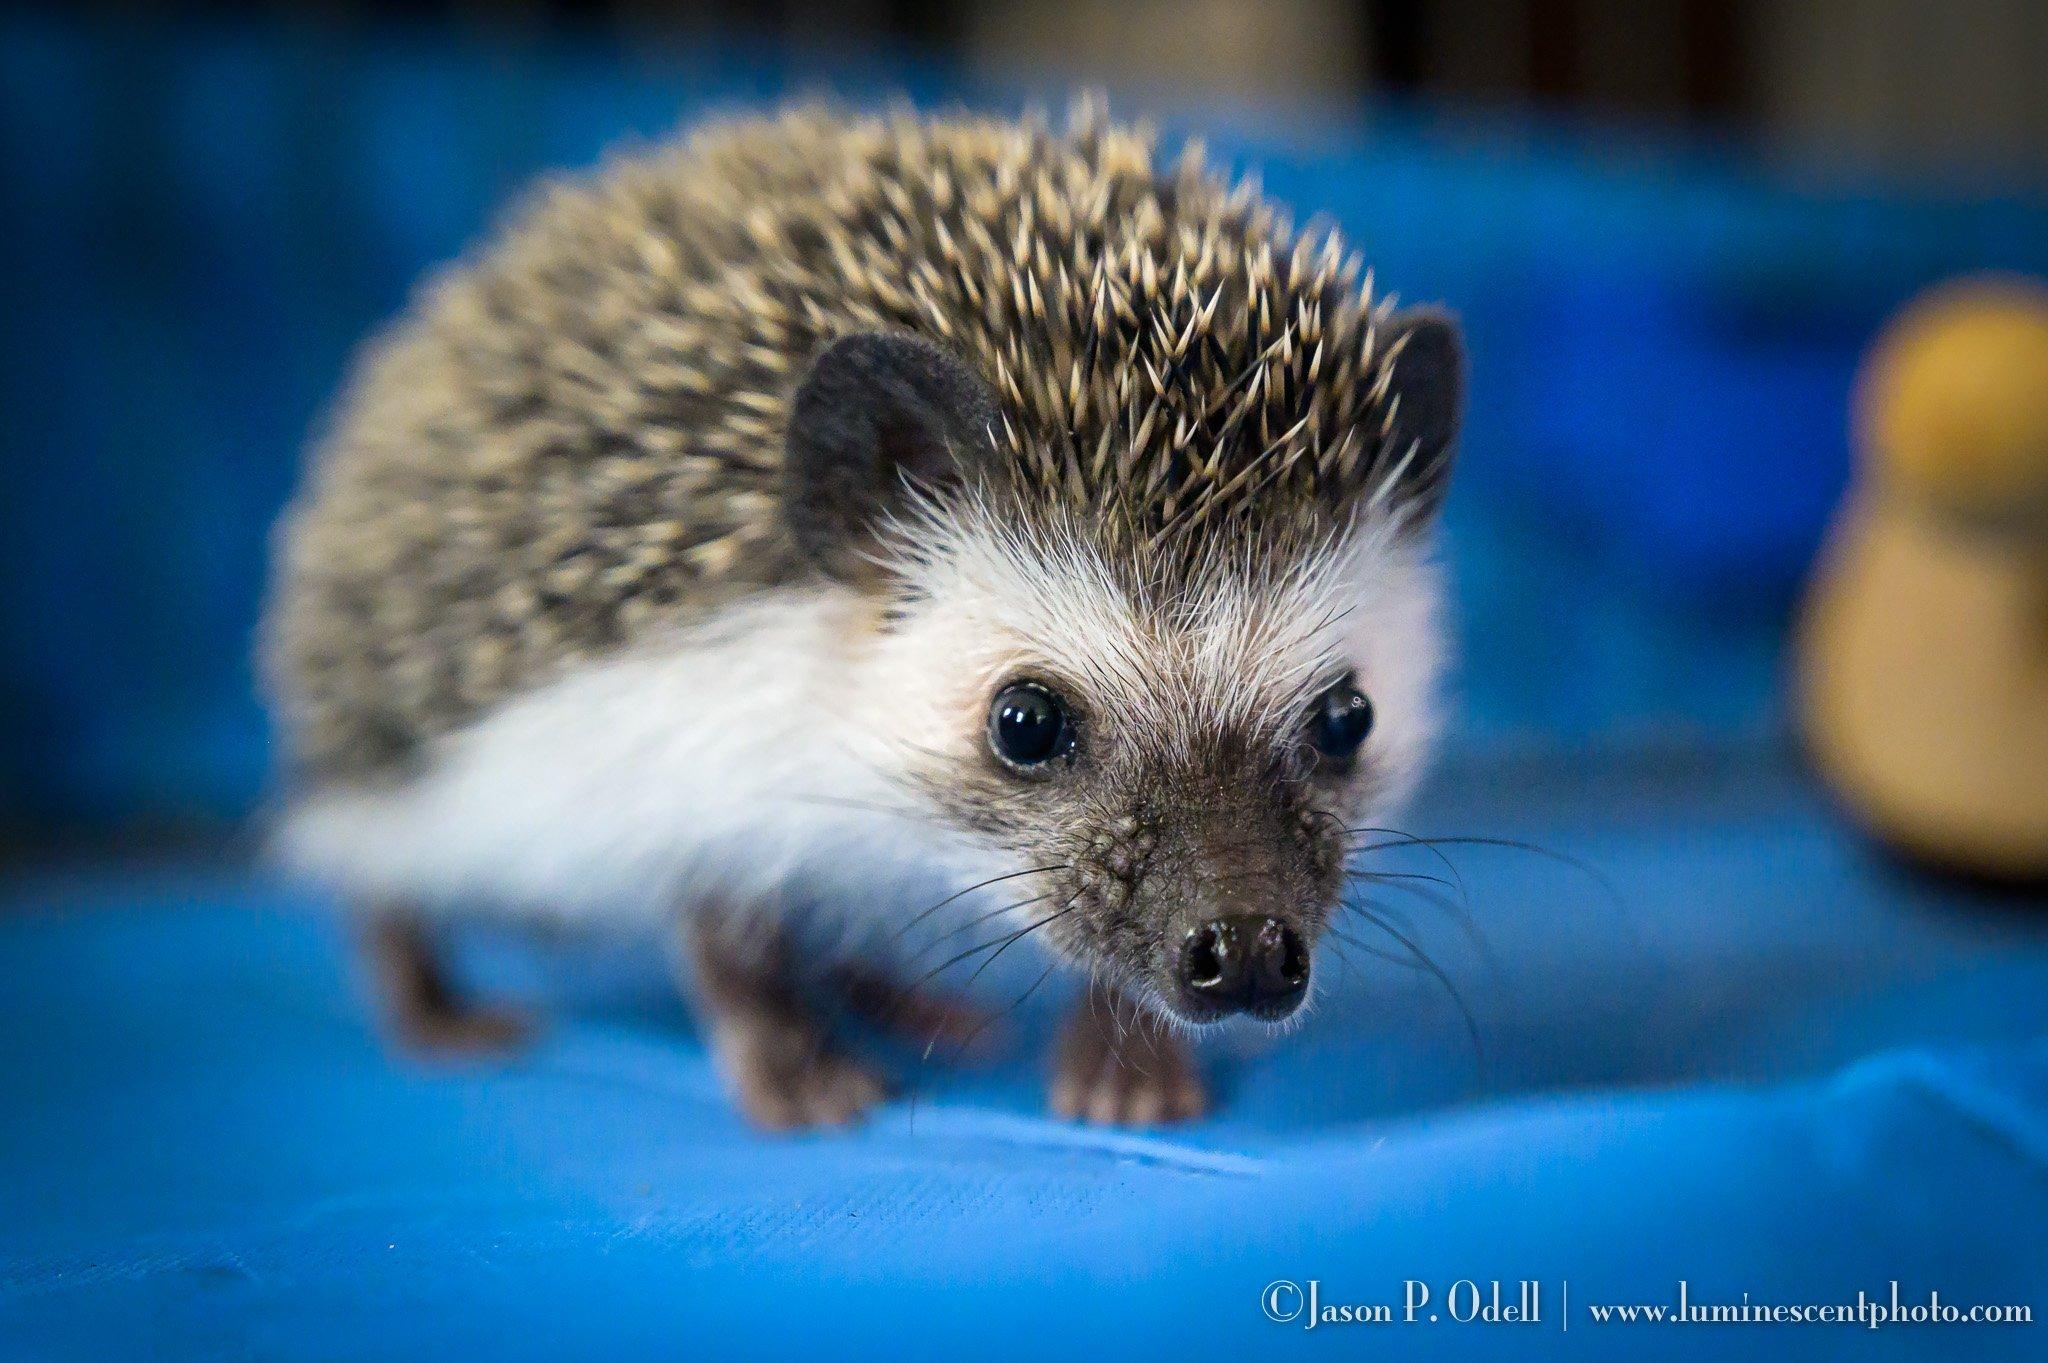 Lemmy the hedgehog